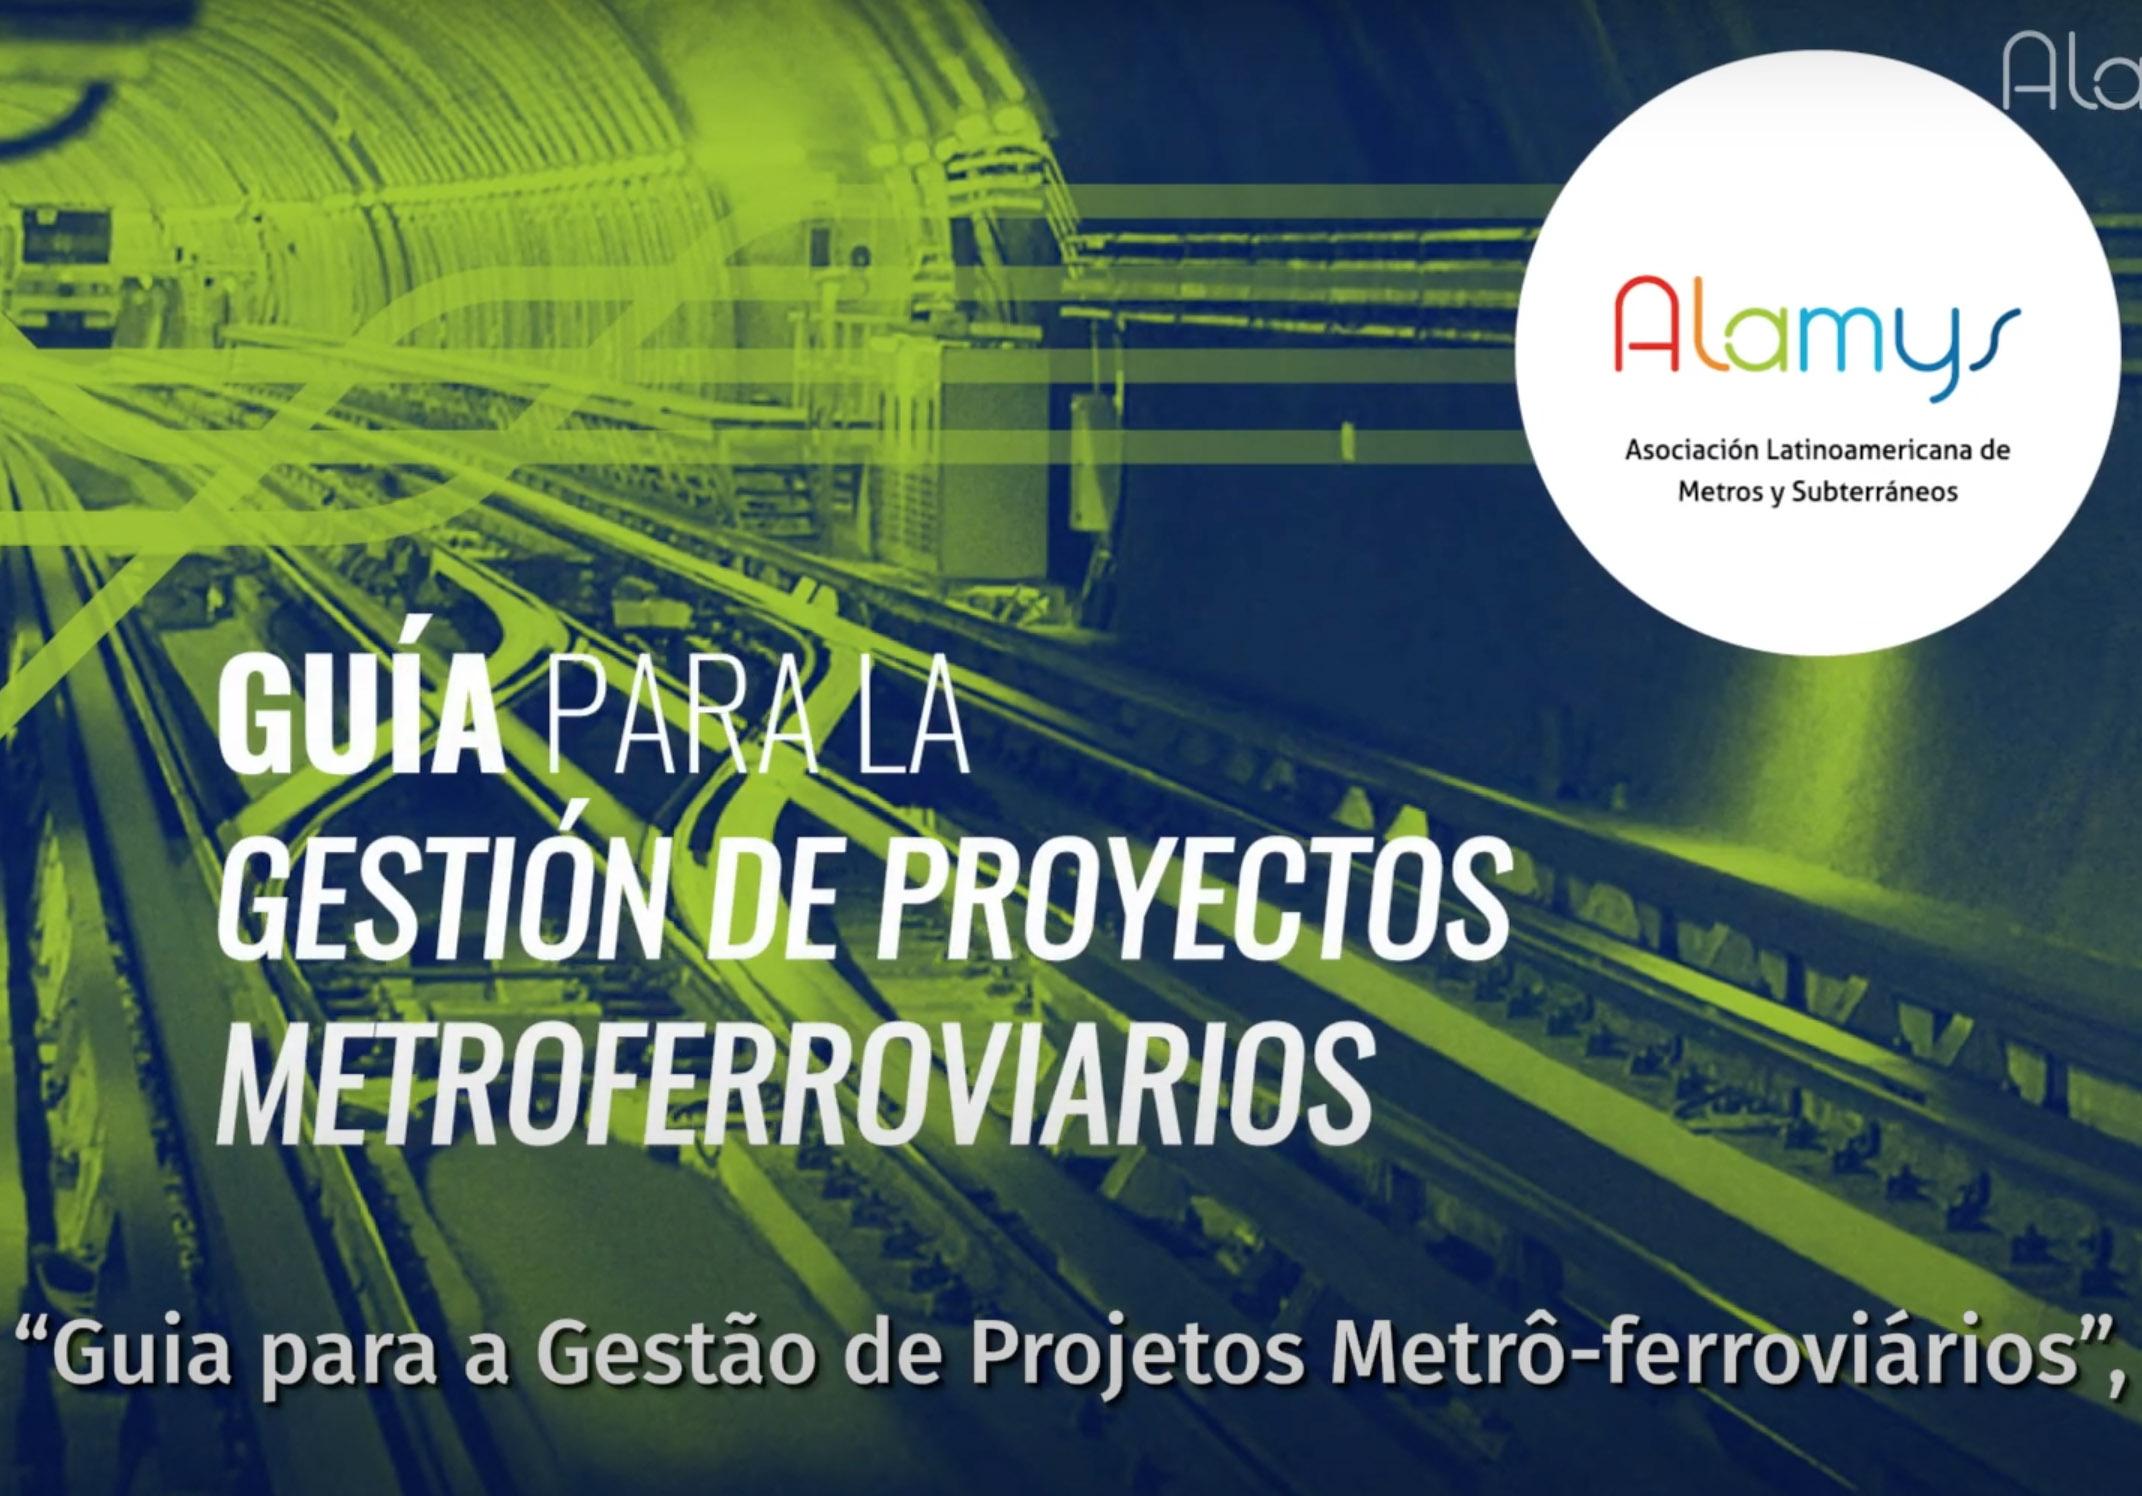 Alamys – GUÍA PARA LA GESTIÓN DE PROYECTOS METROFERROVIARIOS